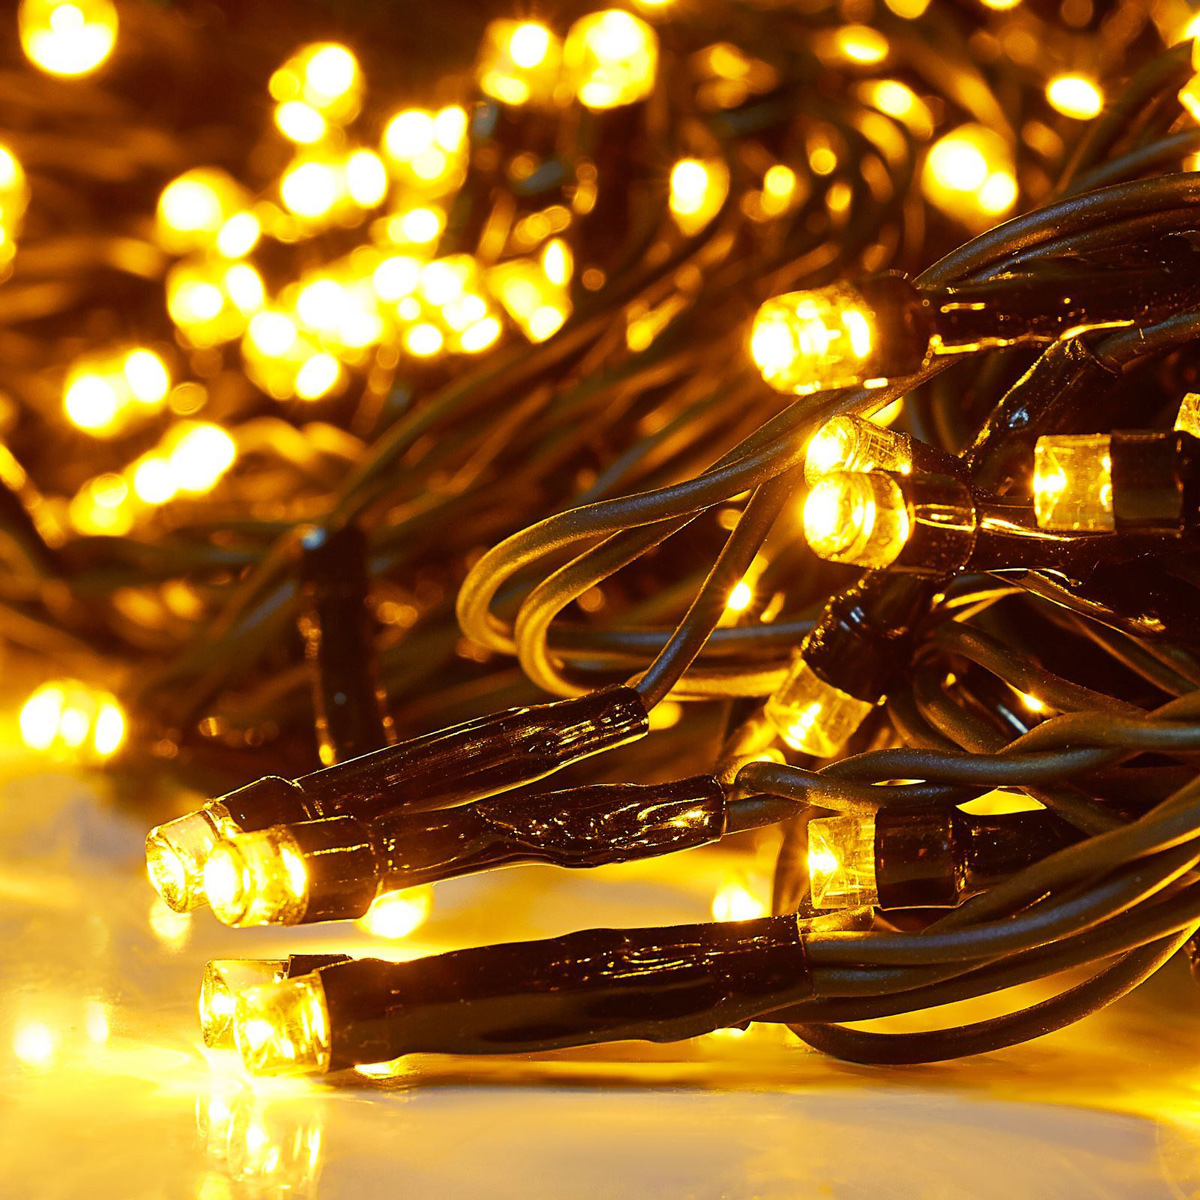 Гирлянда светодиодная Luazon Клип лайт, цвет: желтый, уличная, 600 ламп, 24 V, 3 х 20 м. 15860431586043Светодиодные гирлянды и ленты — это отличный вариант для новогоднего оформления интерьера или фасада. С их помощью помещение любого размера можно превратить в праздничный зал, а внешние элементы зданий, украшенные ими, мгновенно станут напоминать очертания сказочного дворца. Такие украшения создают ауру предвкушения чуда. Деревья, фасады, витрины, окна и арки будто специально созданы, чтобы вы украсили их светящимися нитями.